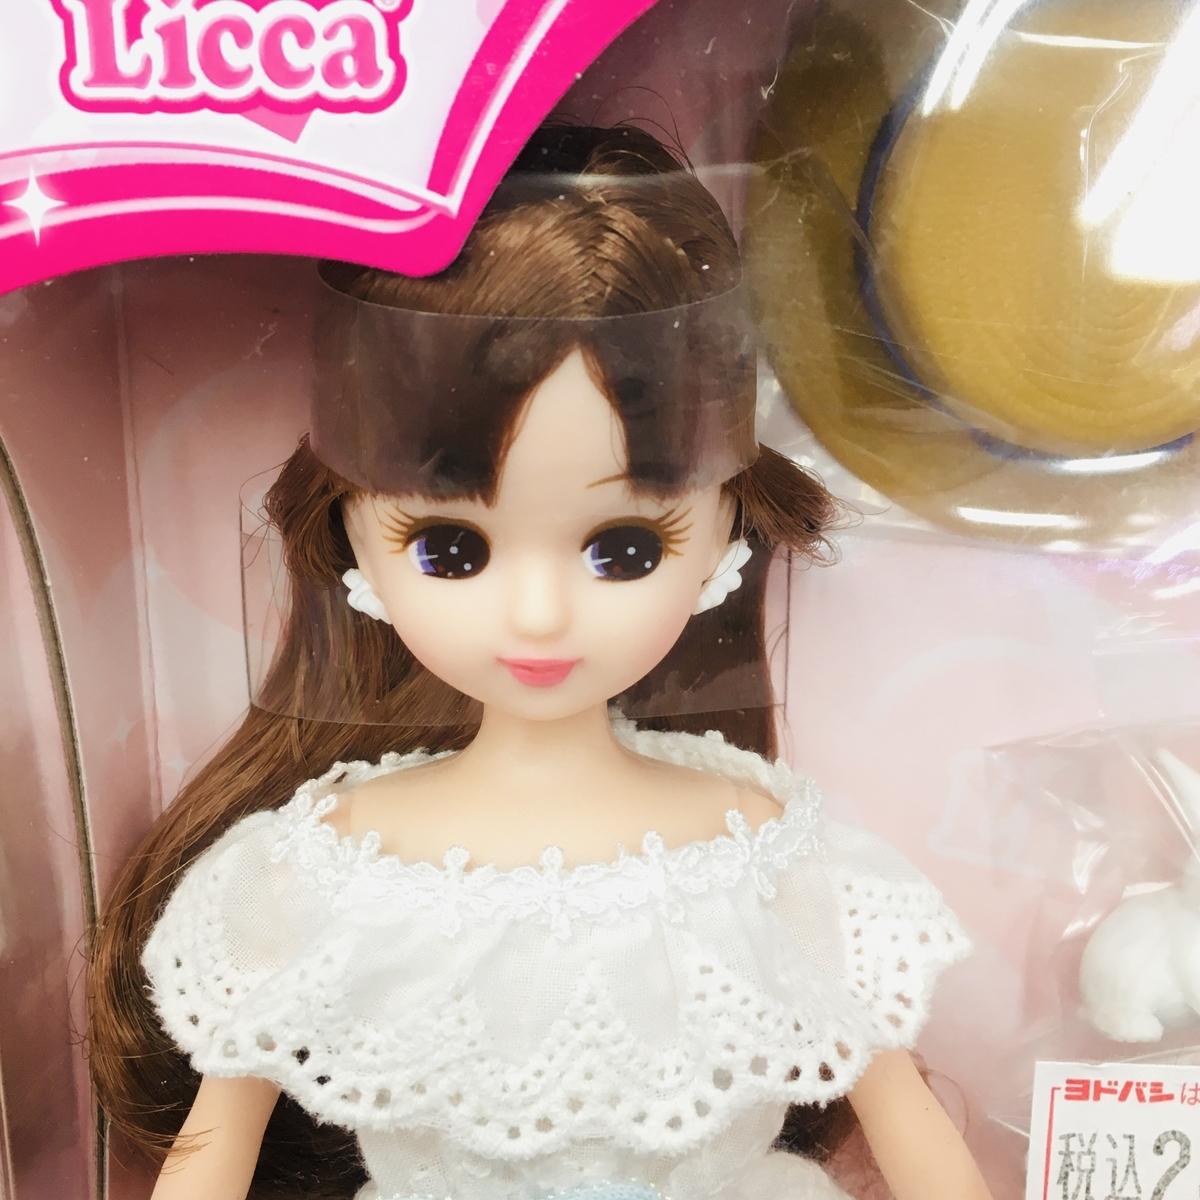 未桃みもの理想のリカちゃんの髪の毛の色はこんな色